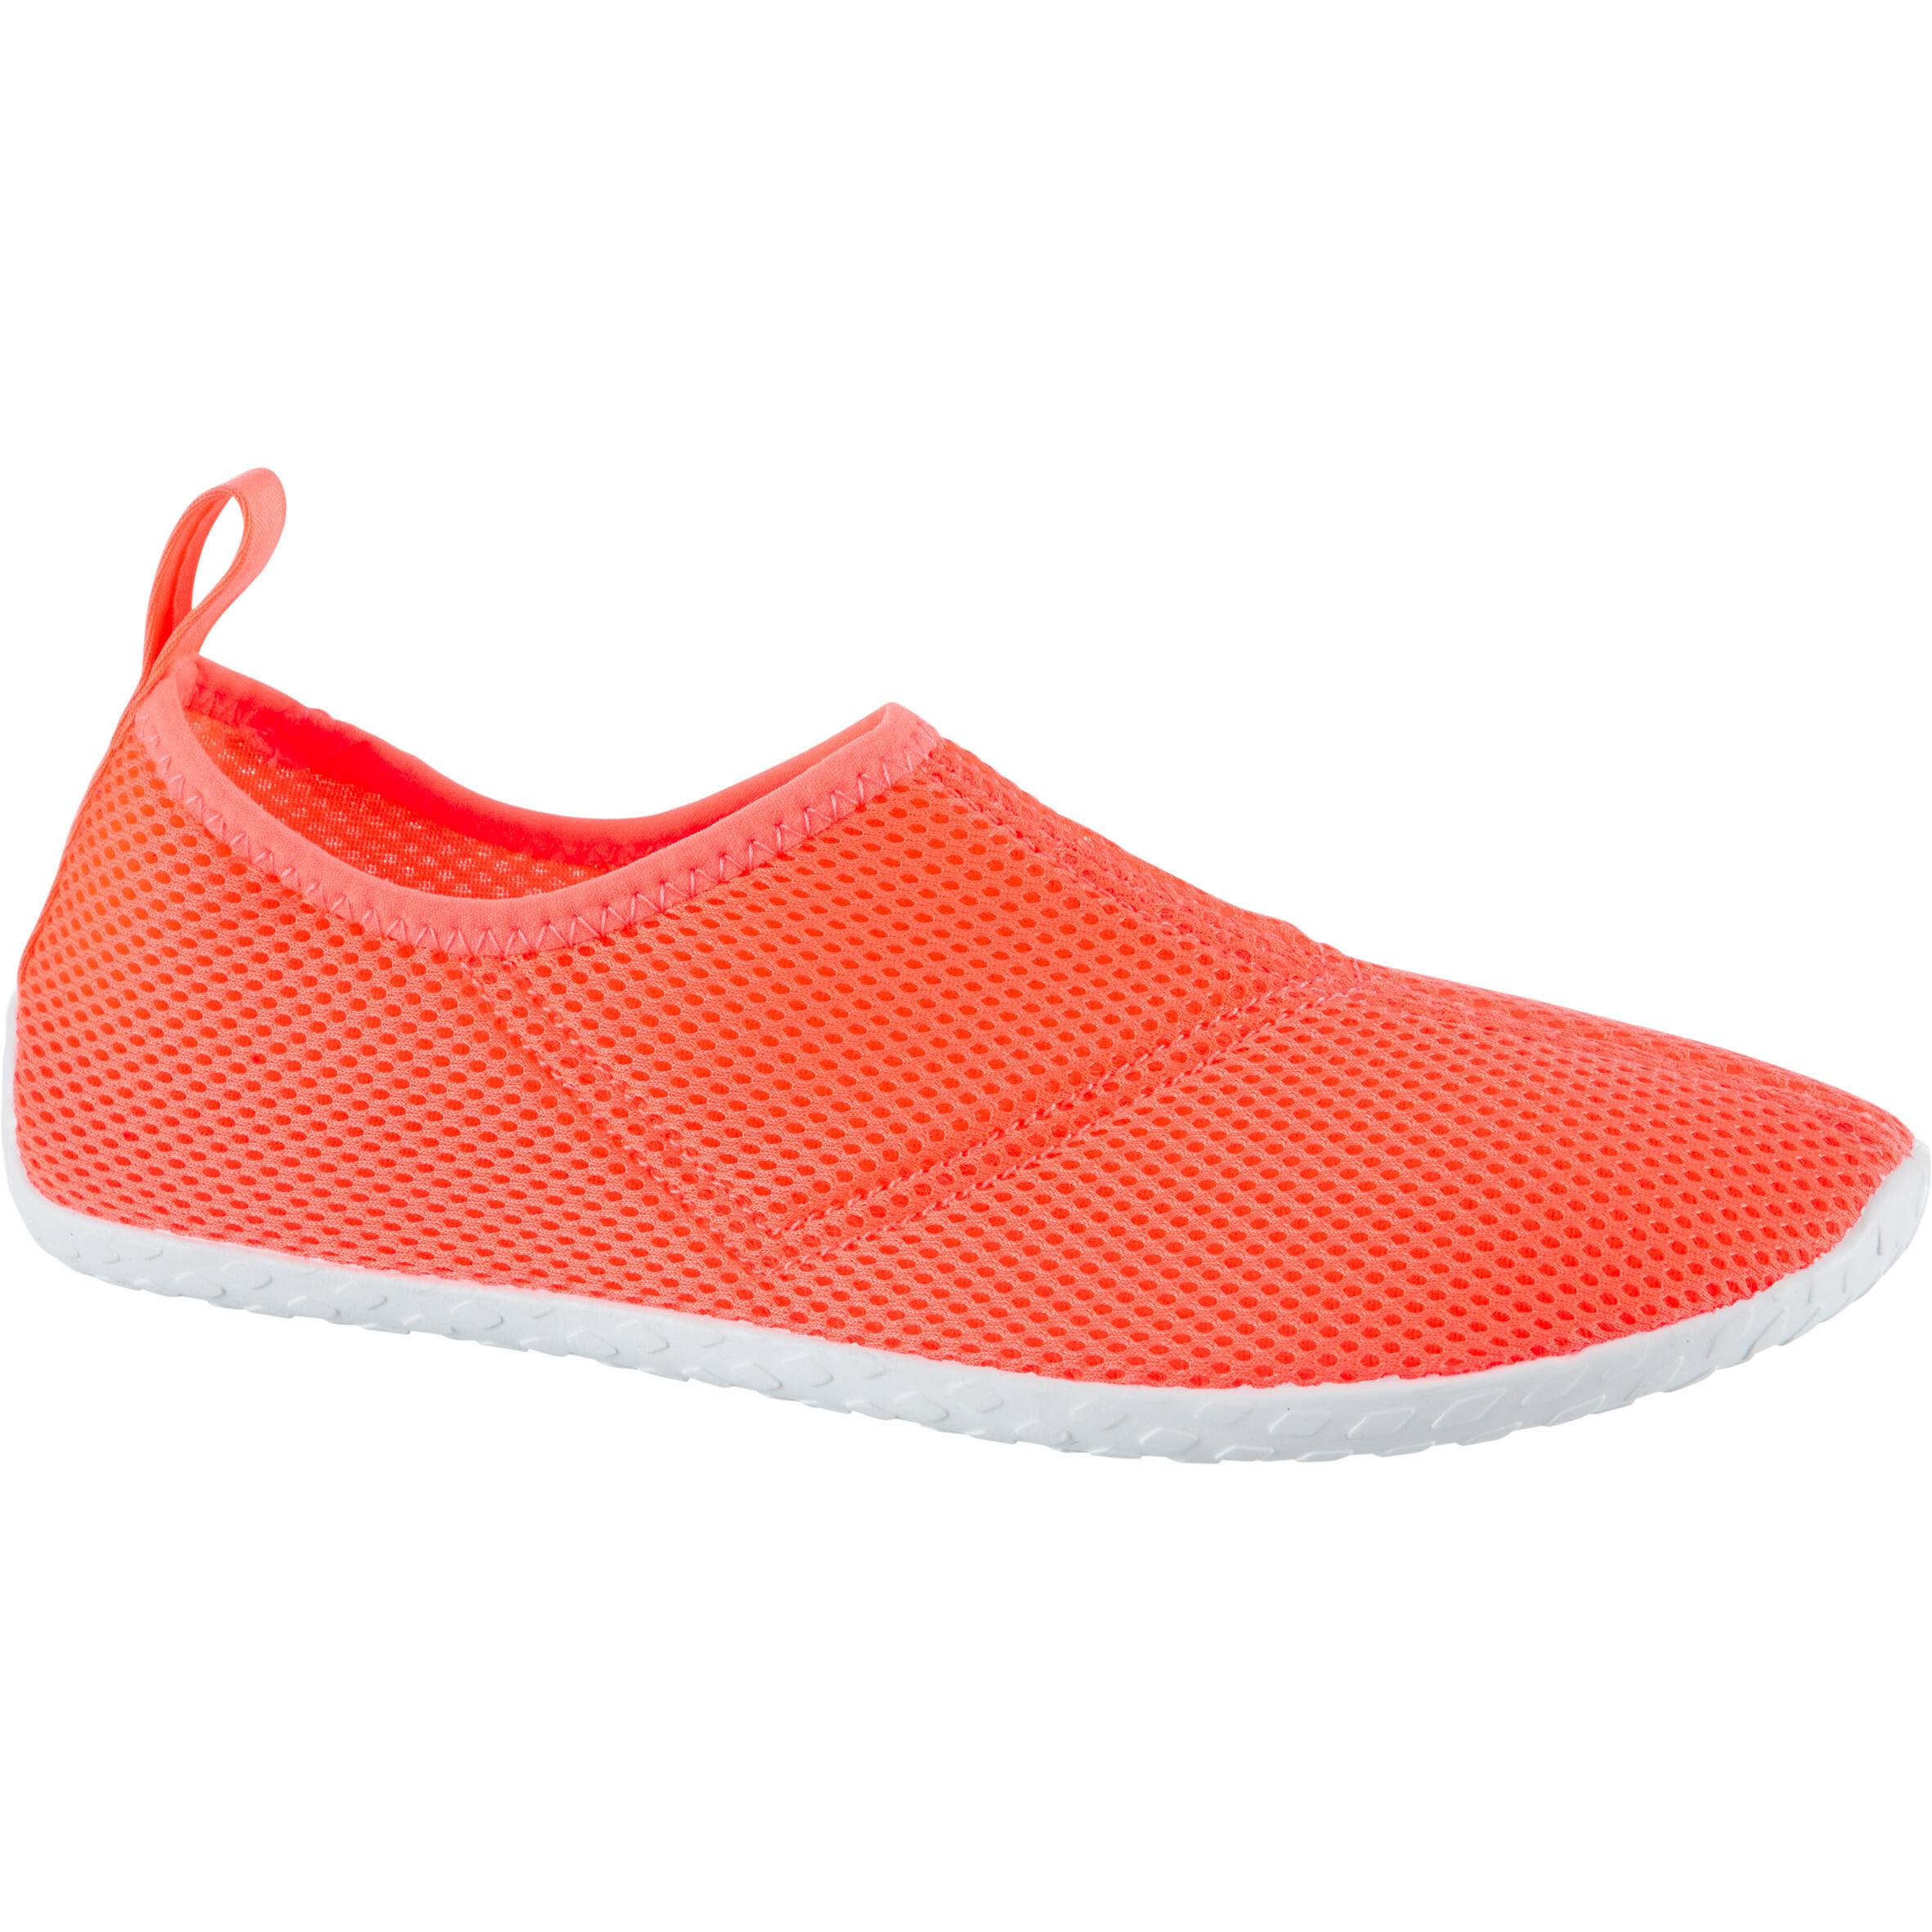 Mabove Chaussures Aquatique Homme Femme Chaussures de deau Chaussures de Plong/ée Surf Natation pour Piscine et Plage Bain S/échage Rapide